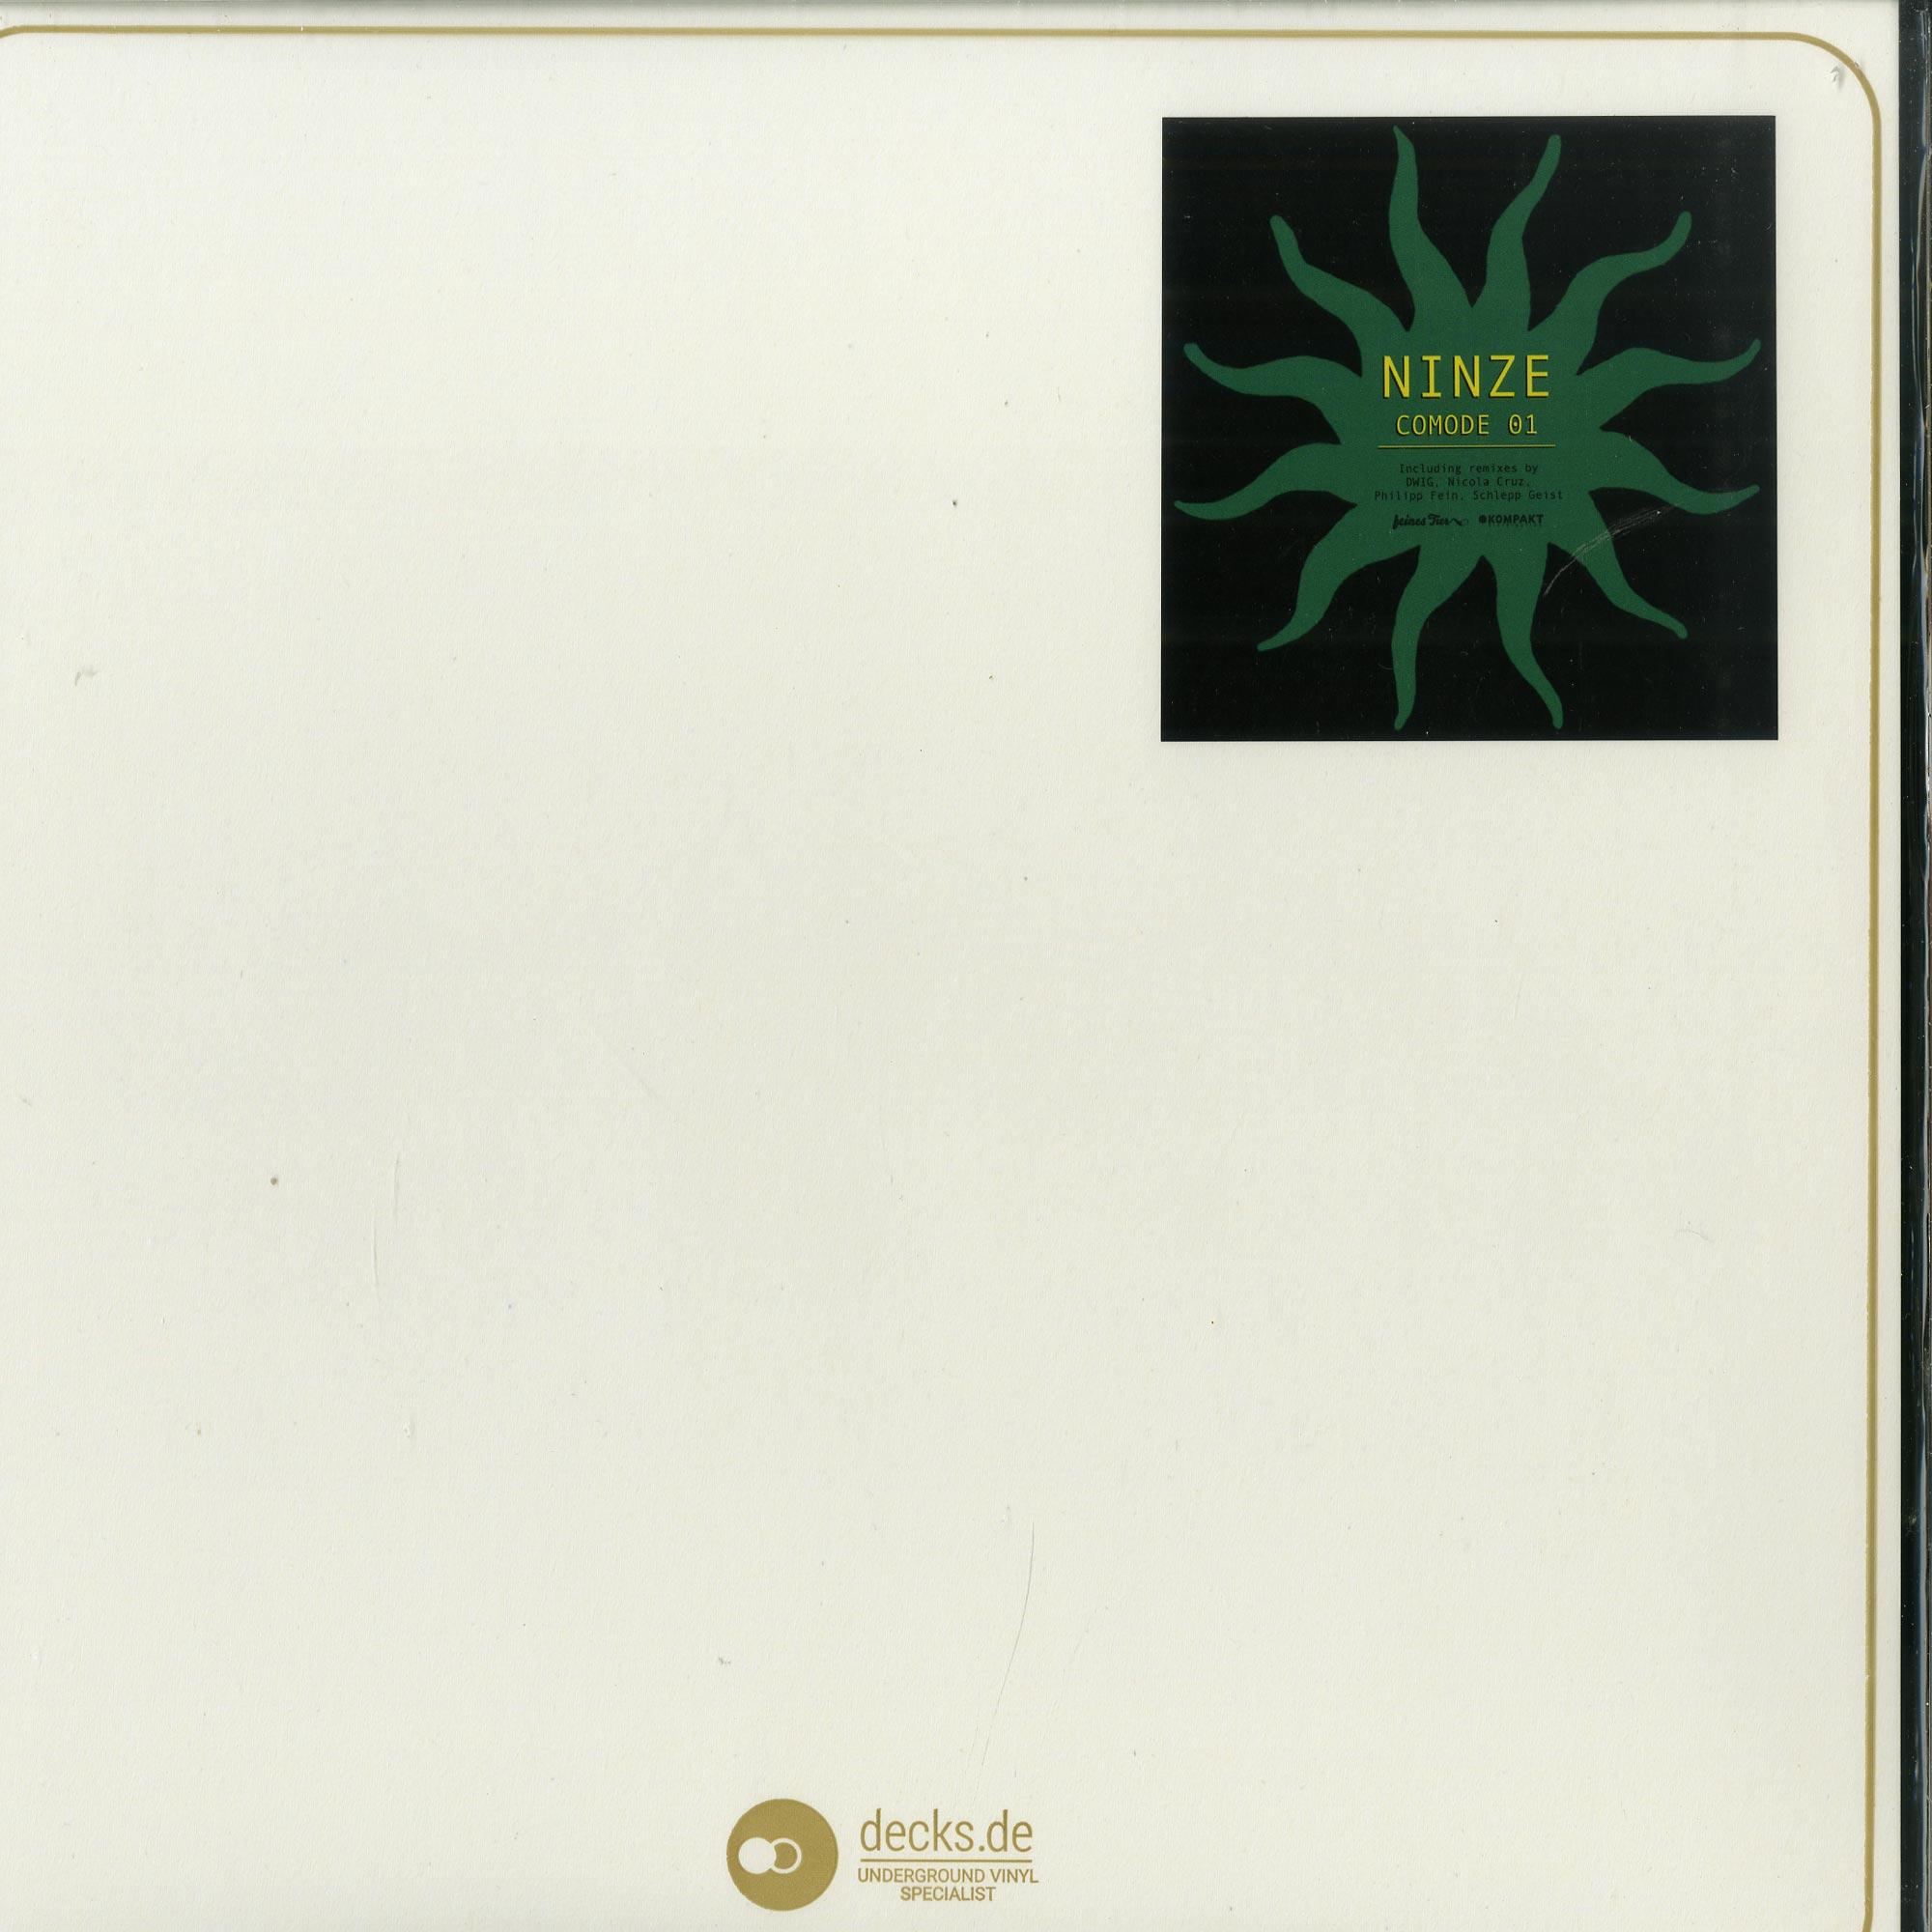 Ninze - COMODE 01